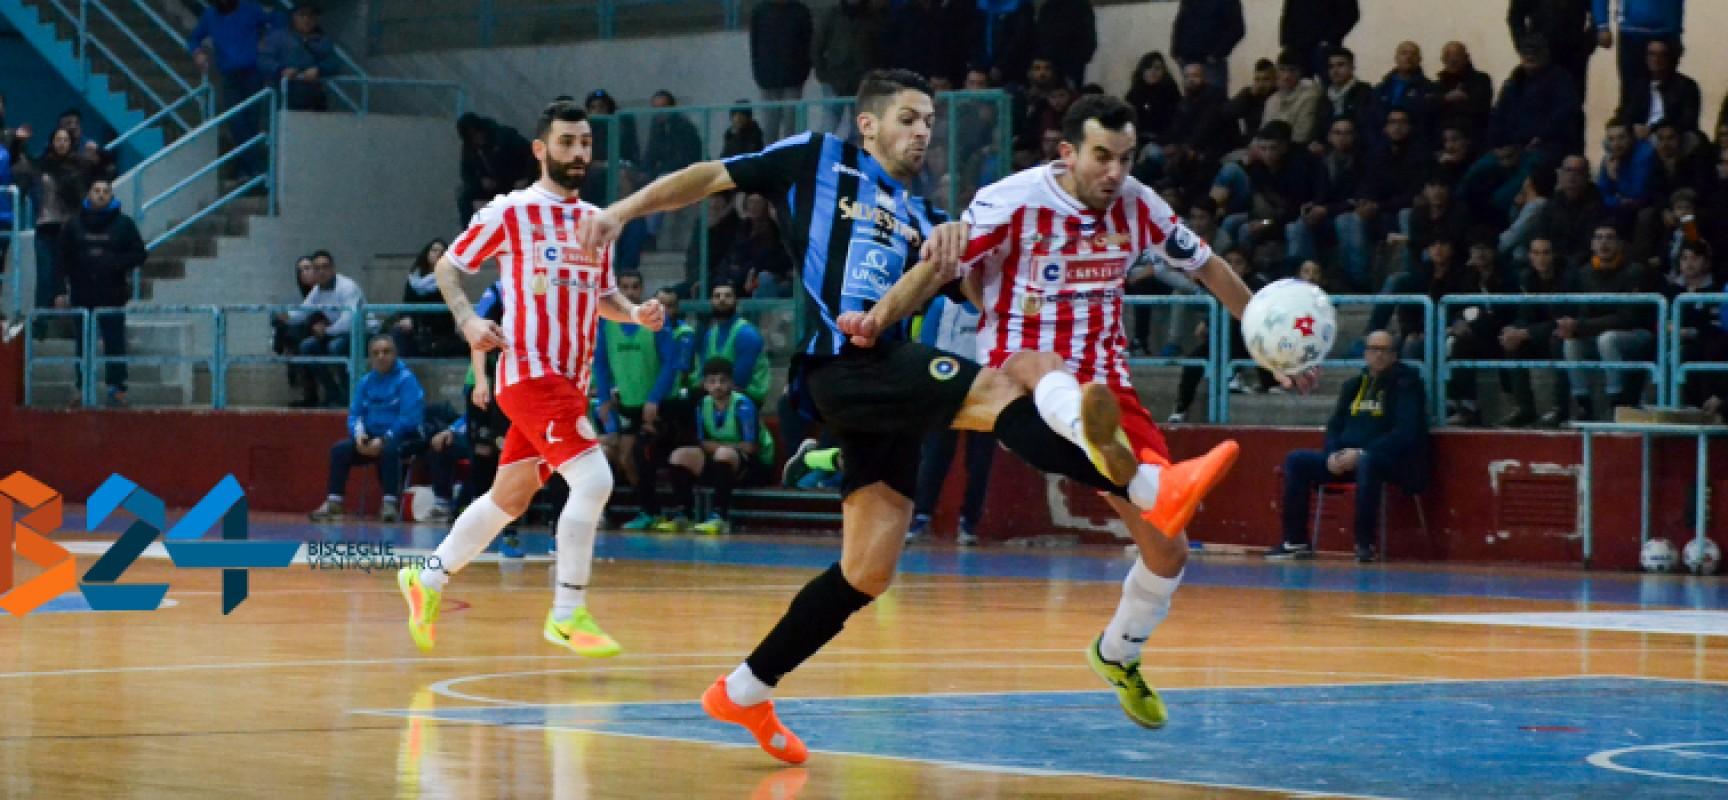 Futsal Bisceglie: ancora segno x, fermato in casa dal Cristian Barletta